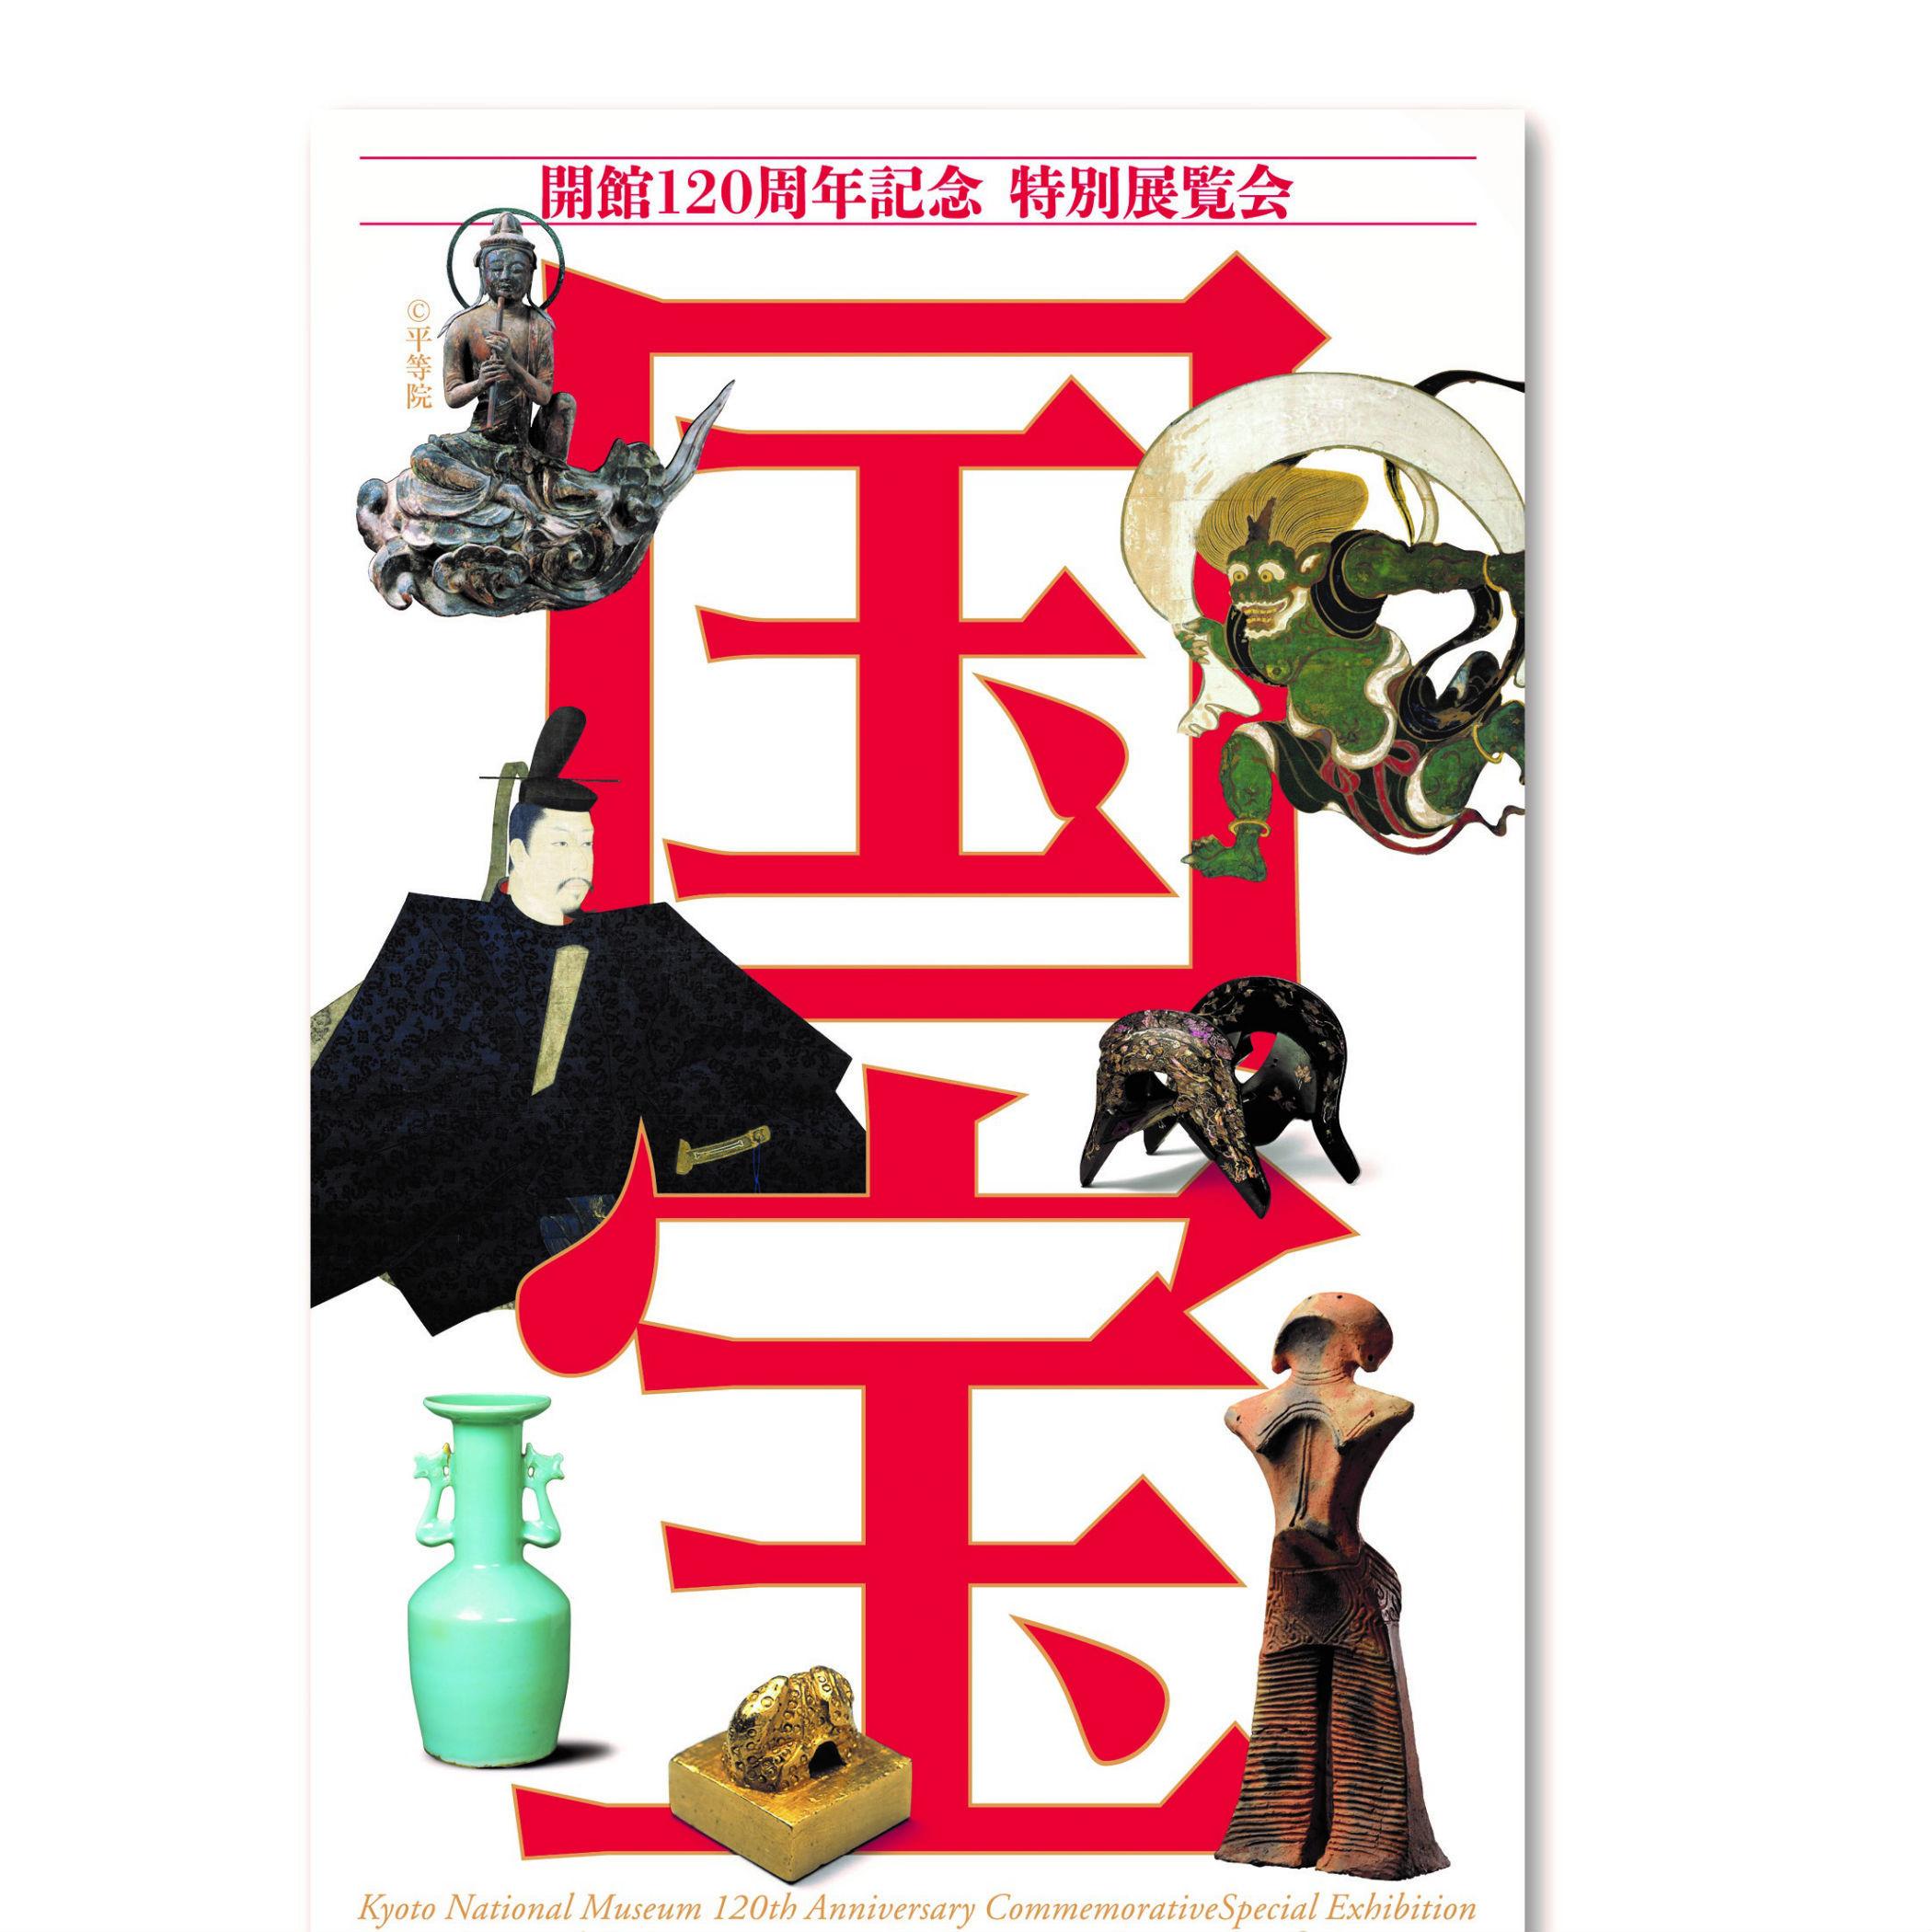 京都国立博物館「国宝展」のチケットを読者110名様にプレゼント!